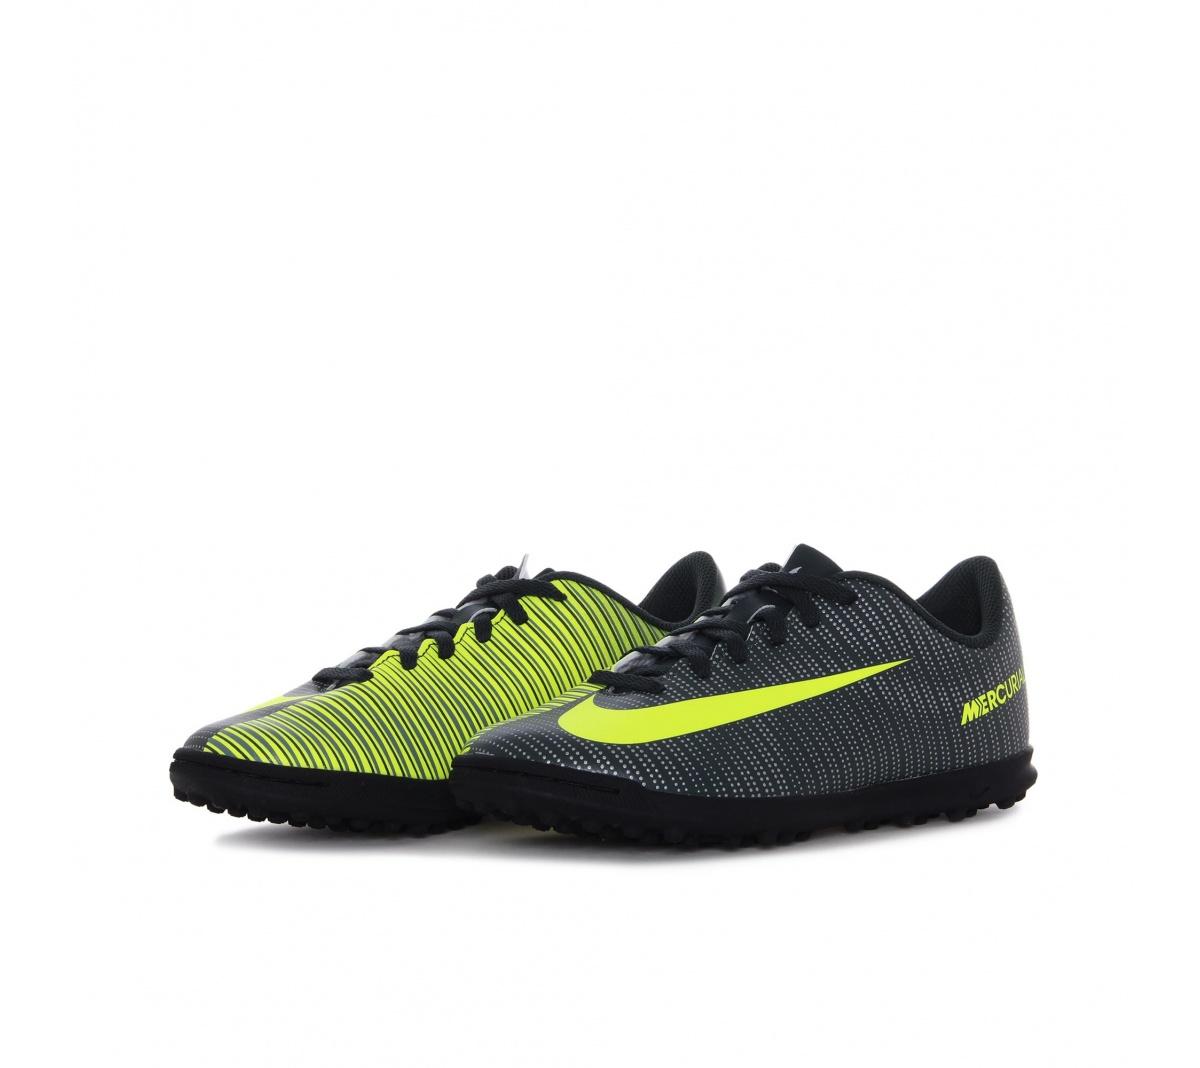 ... Society Nike Bravata 768917-011 Preto Branco  83a9ad52a0a Chuteira Nike  Mercurial Vortex chuteira nike mercurial vortex cr7 tf infantil mundo do ... 7f8b606678c6f